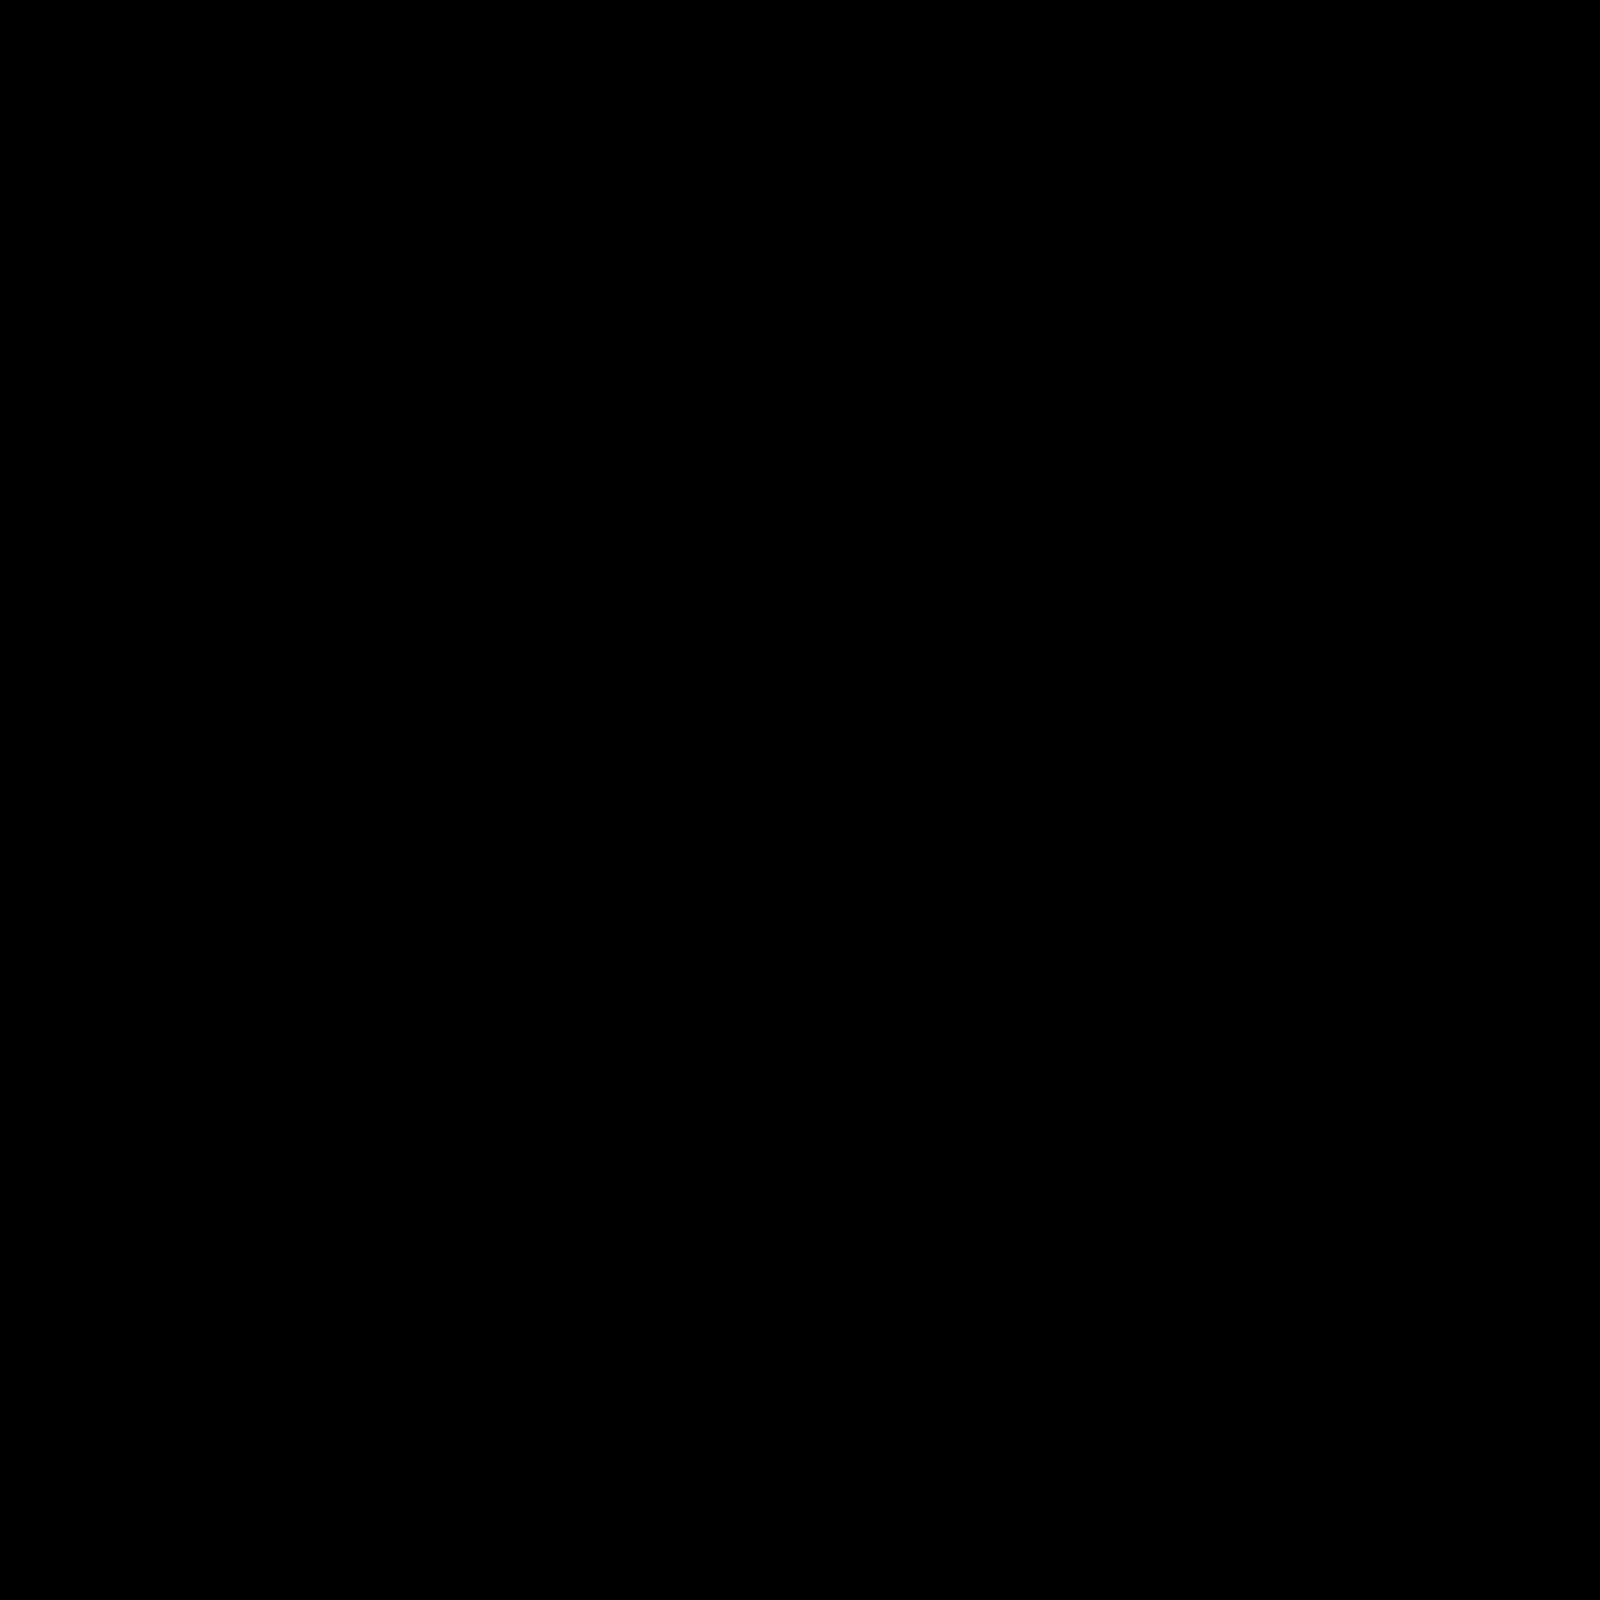 家庭自动化 icon. The home automation icon displays a house, and the house has a gear inside. The gear has six spokes and a hole in the center. The house has a roof that's slanted on both sides.